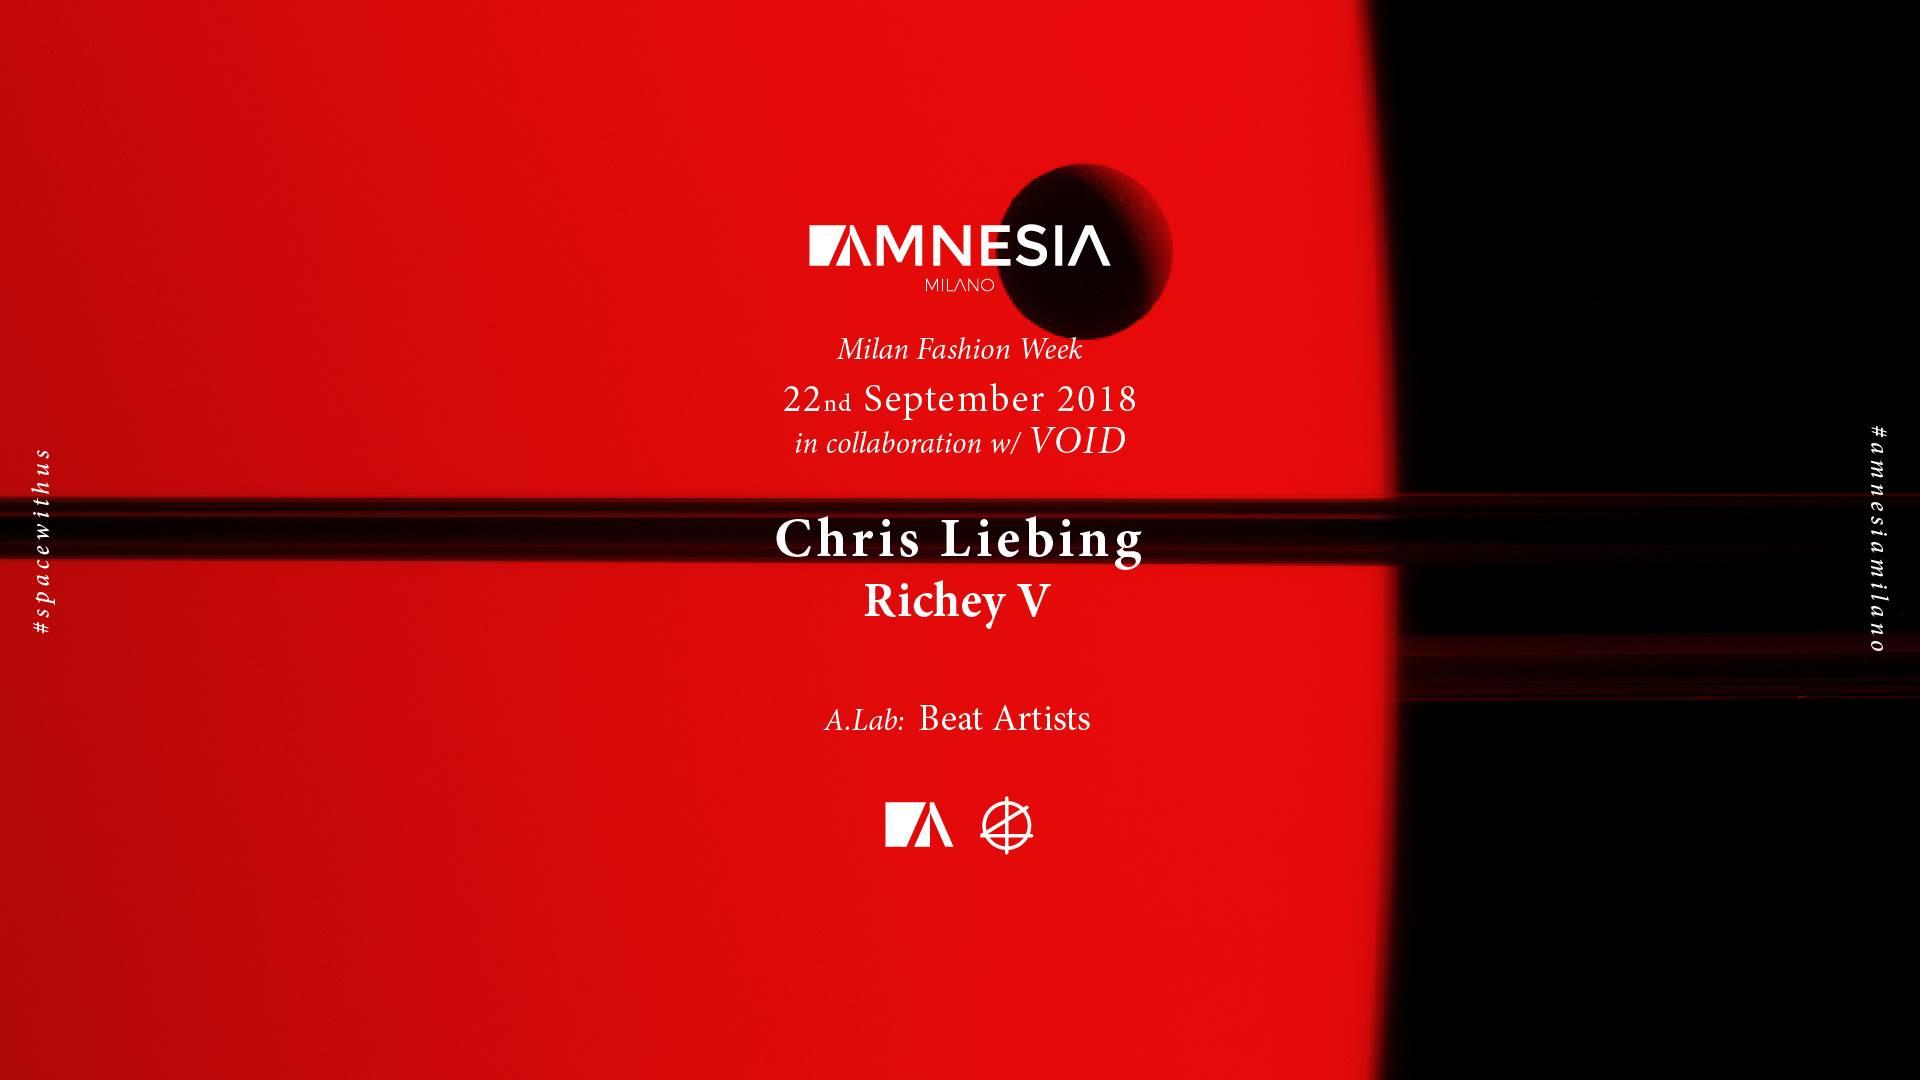 Chris Liebing Amnesia Milano 22 Settembre 2018